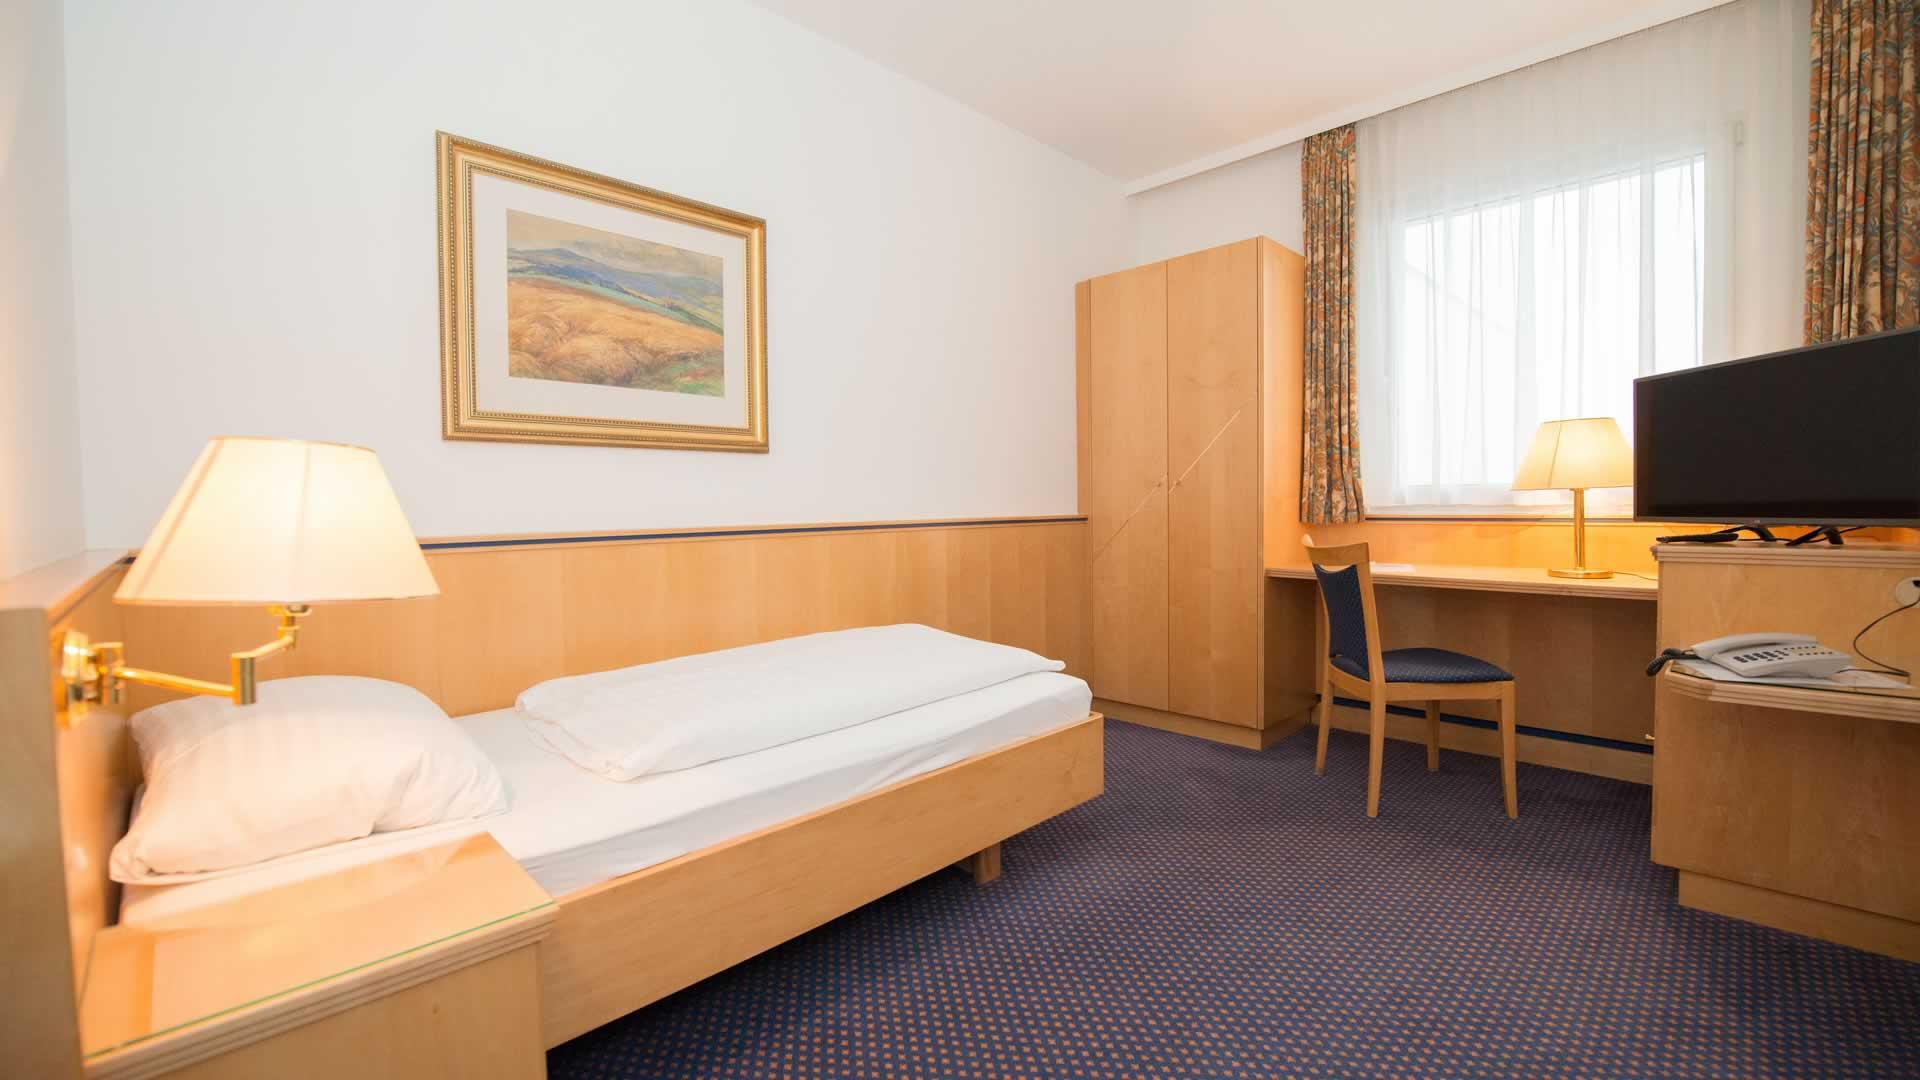 Einbettzimmer im Parkhotel Styria in Steyr